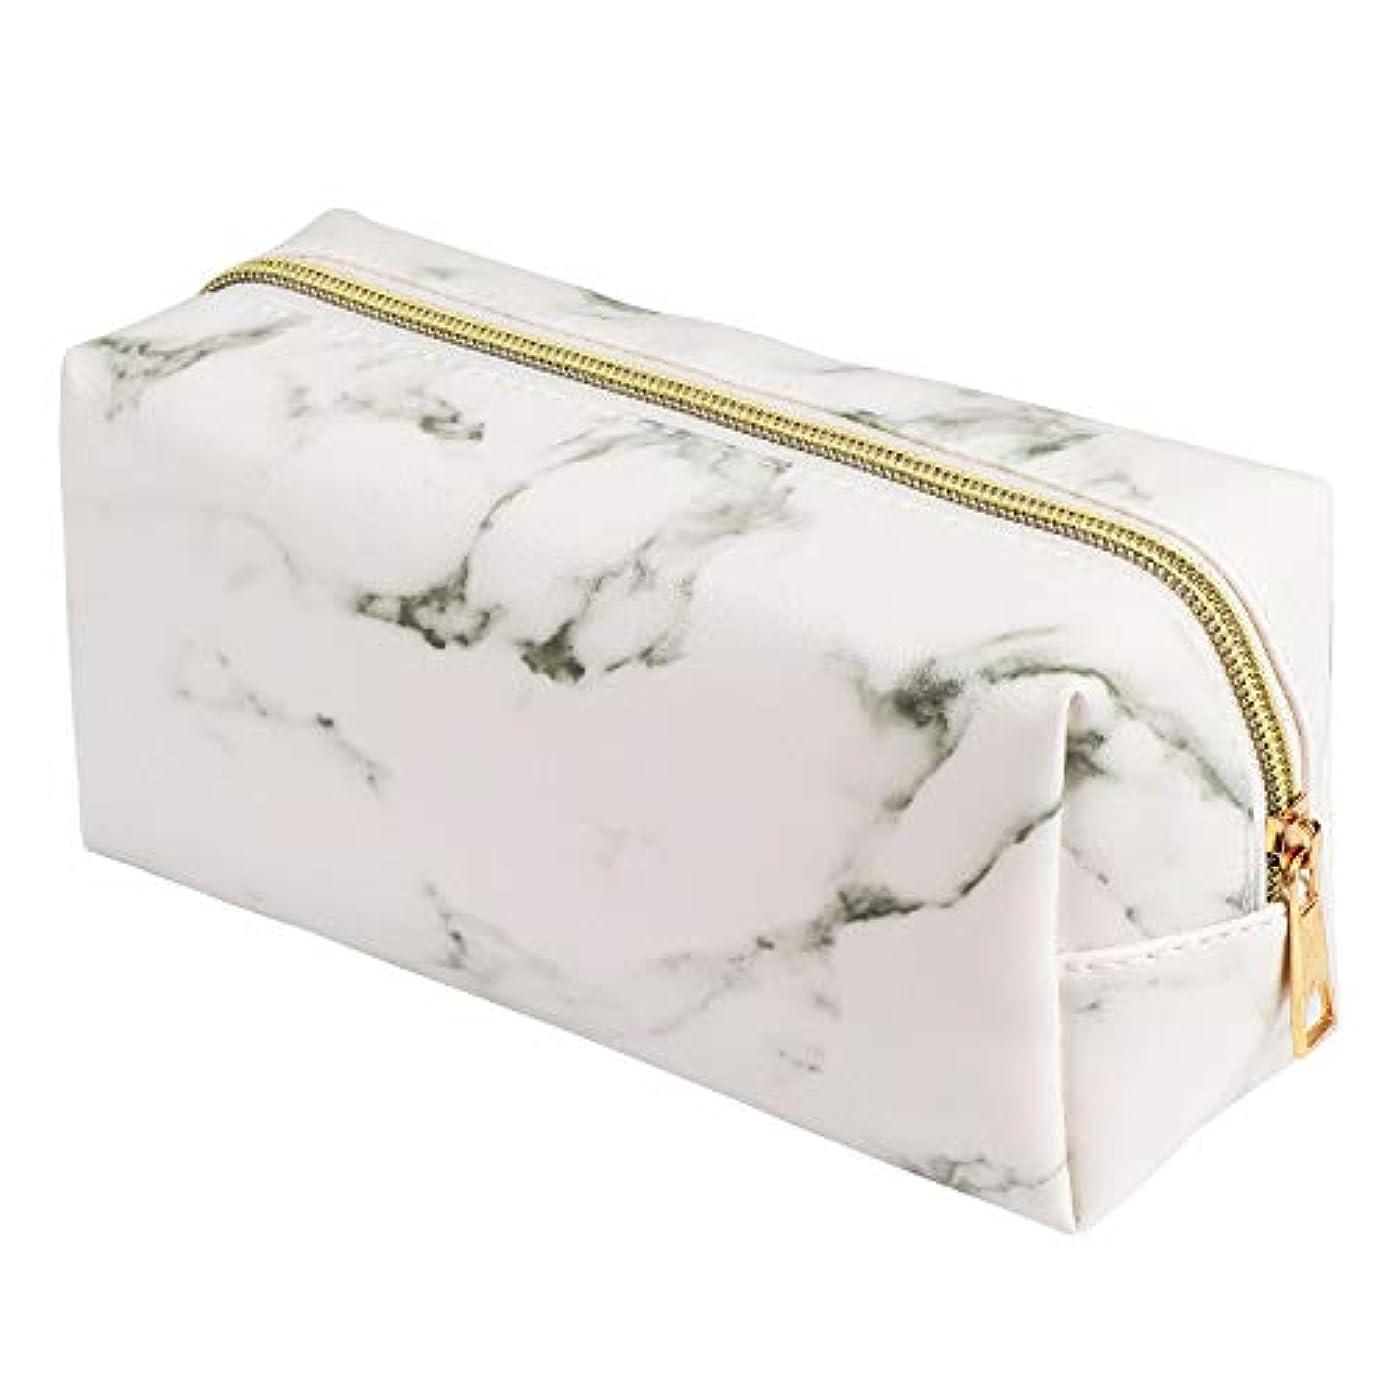 アセ守る明確なAIFHI 化粧ポーチ コスメポーチ メイクポーチ 大理石柄 プロ用 コスメ収納 化粧 バッグ 化粧道具 小物入れ トラベルバッグ ホワイト